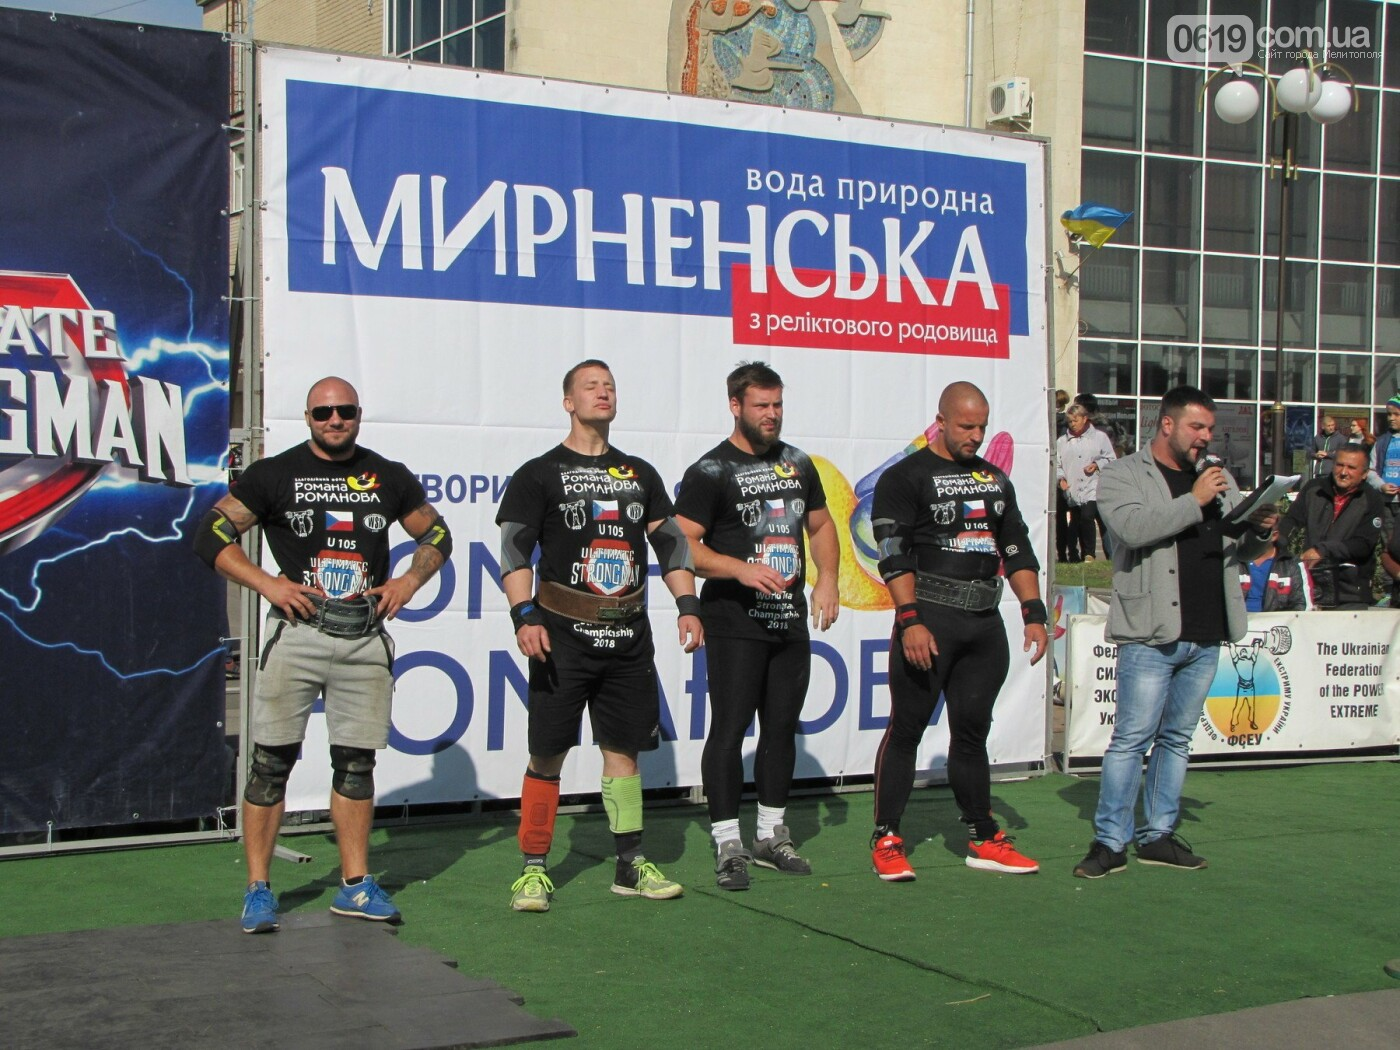 Сотые доли секунды отделили сборную Украины от победы на Чемпионате мира по силовому экстриму, фото-5